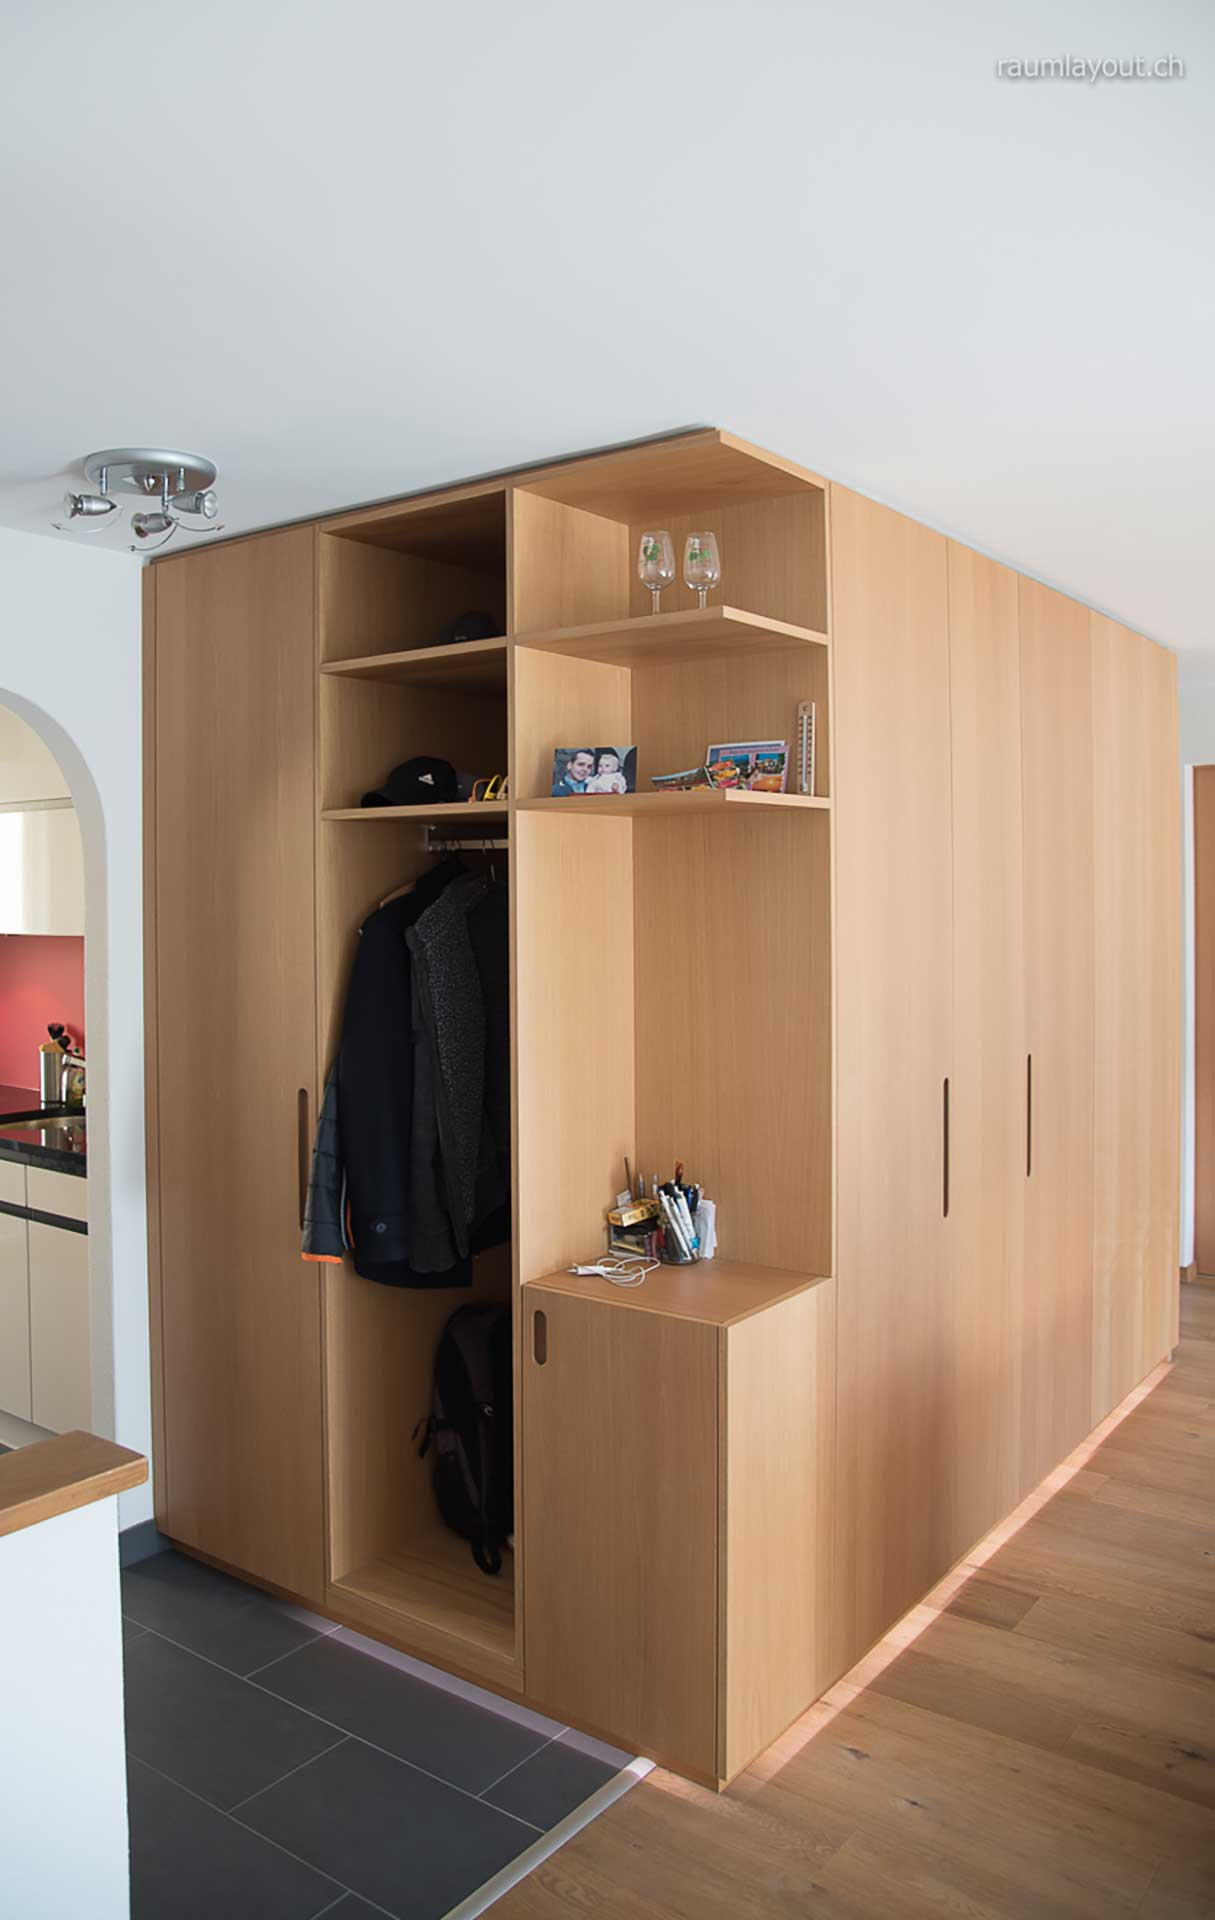 wohnungsumbau bärtschi, visp · raumlayout gmbh · architektur, Innenarchitektur ideen